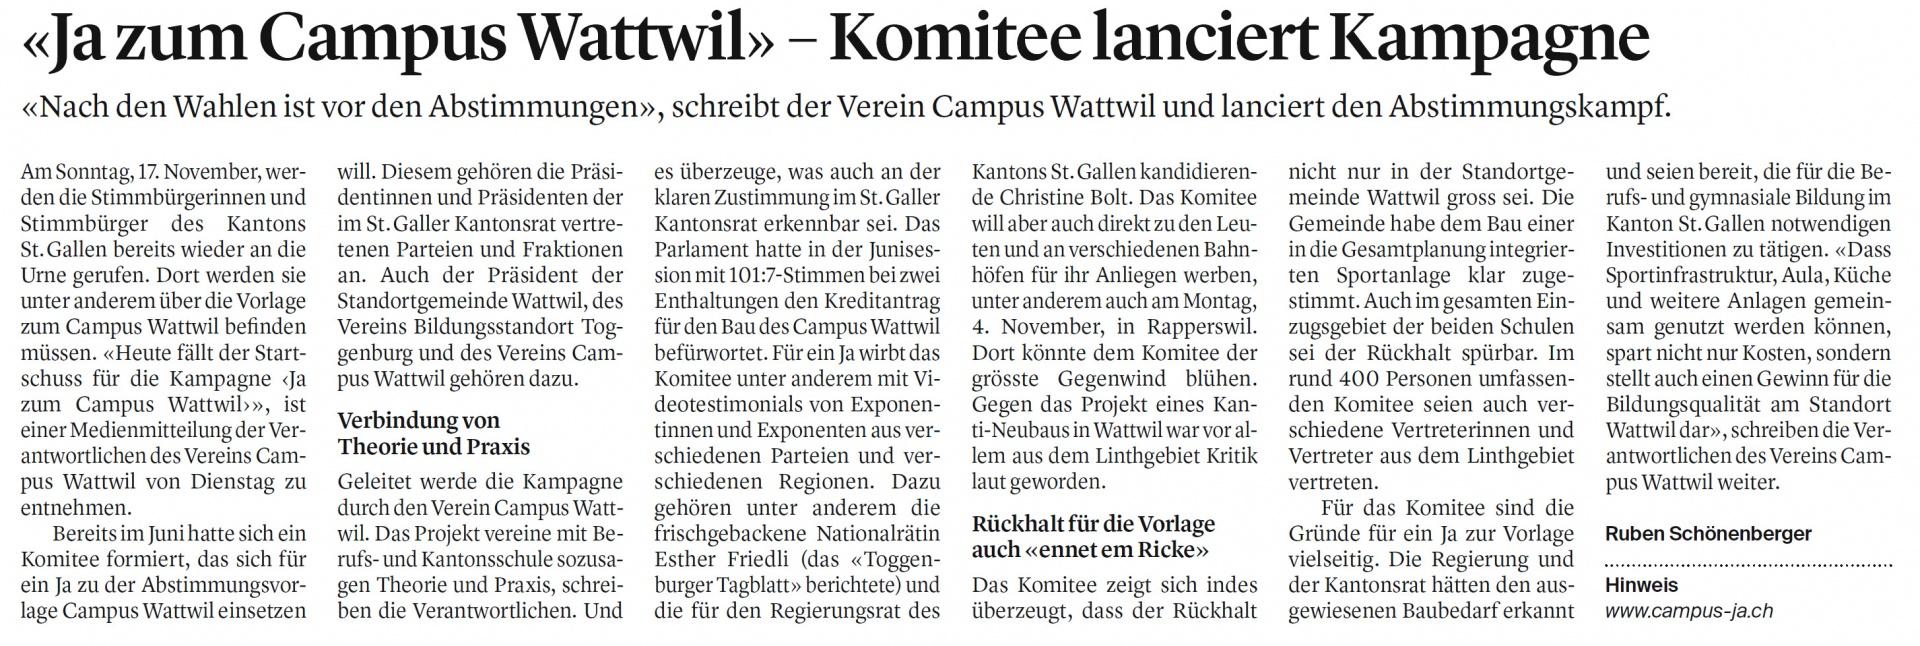 «Ja zum Campus Wattwil» – Komitee lanciert Kampagne (Mittwoch, 23.10.2019)